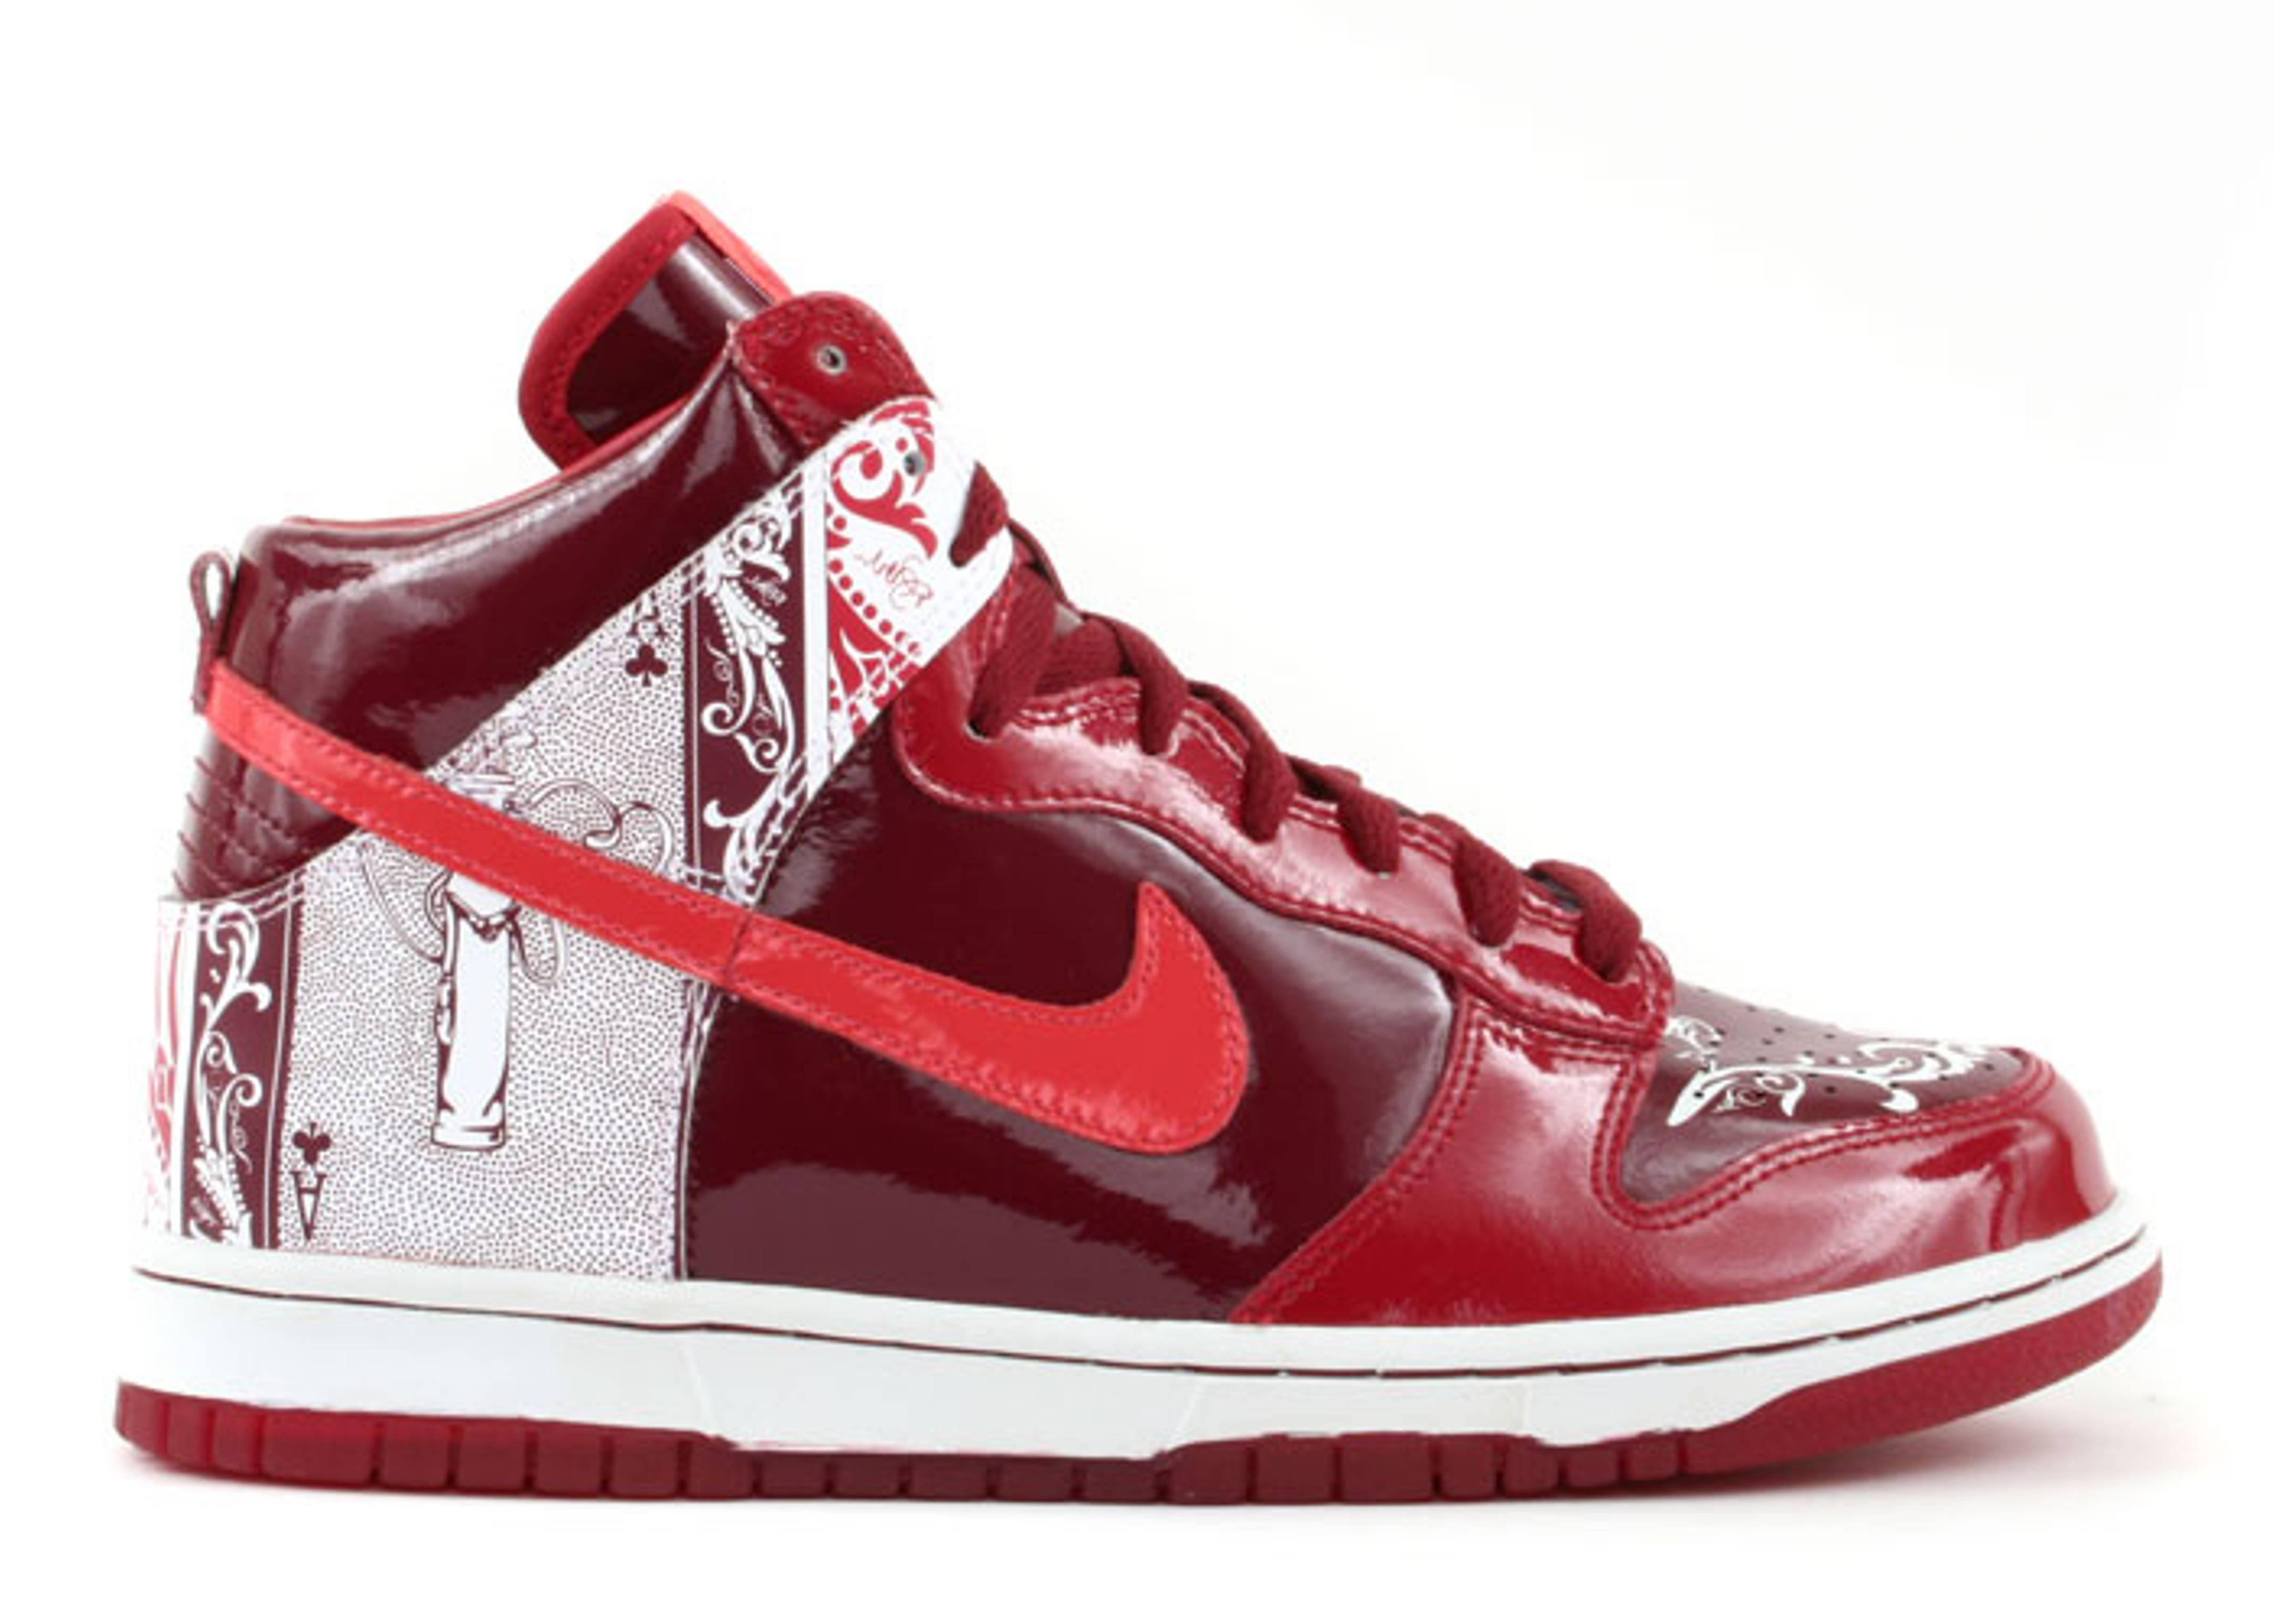 premium selection ecb0f cc3b7 ... Top Premium Major Taylor Pack BLACK ZEST best 480ec 6d492 ... red shoes  dunk ...